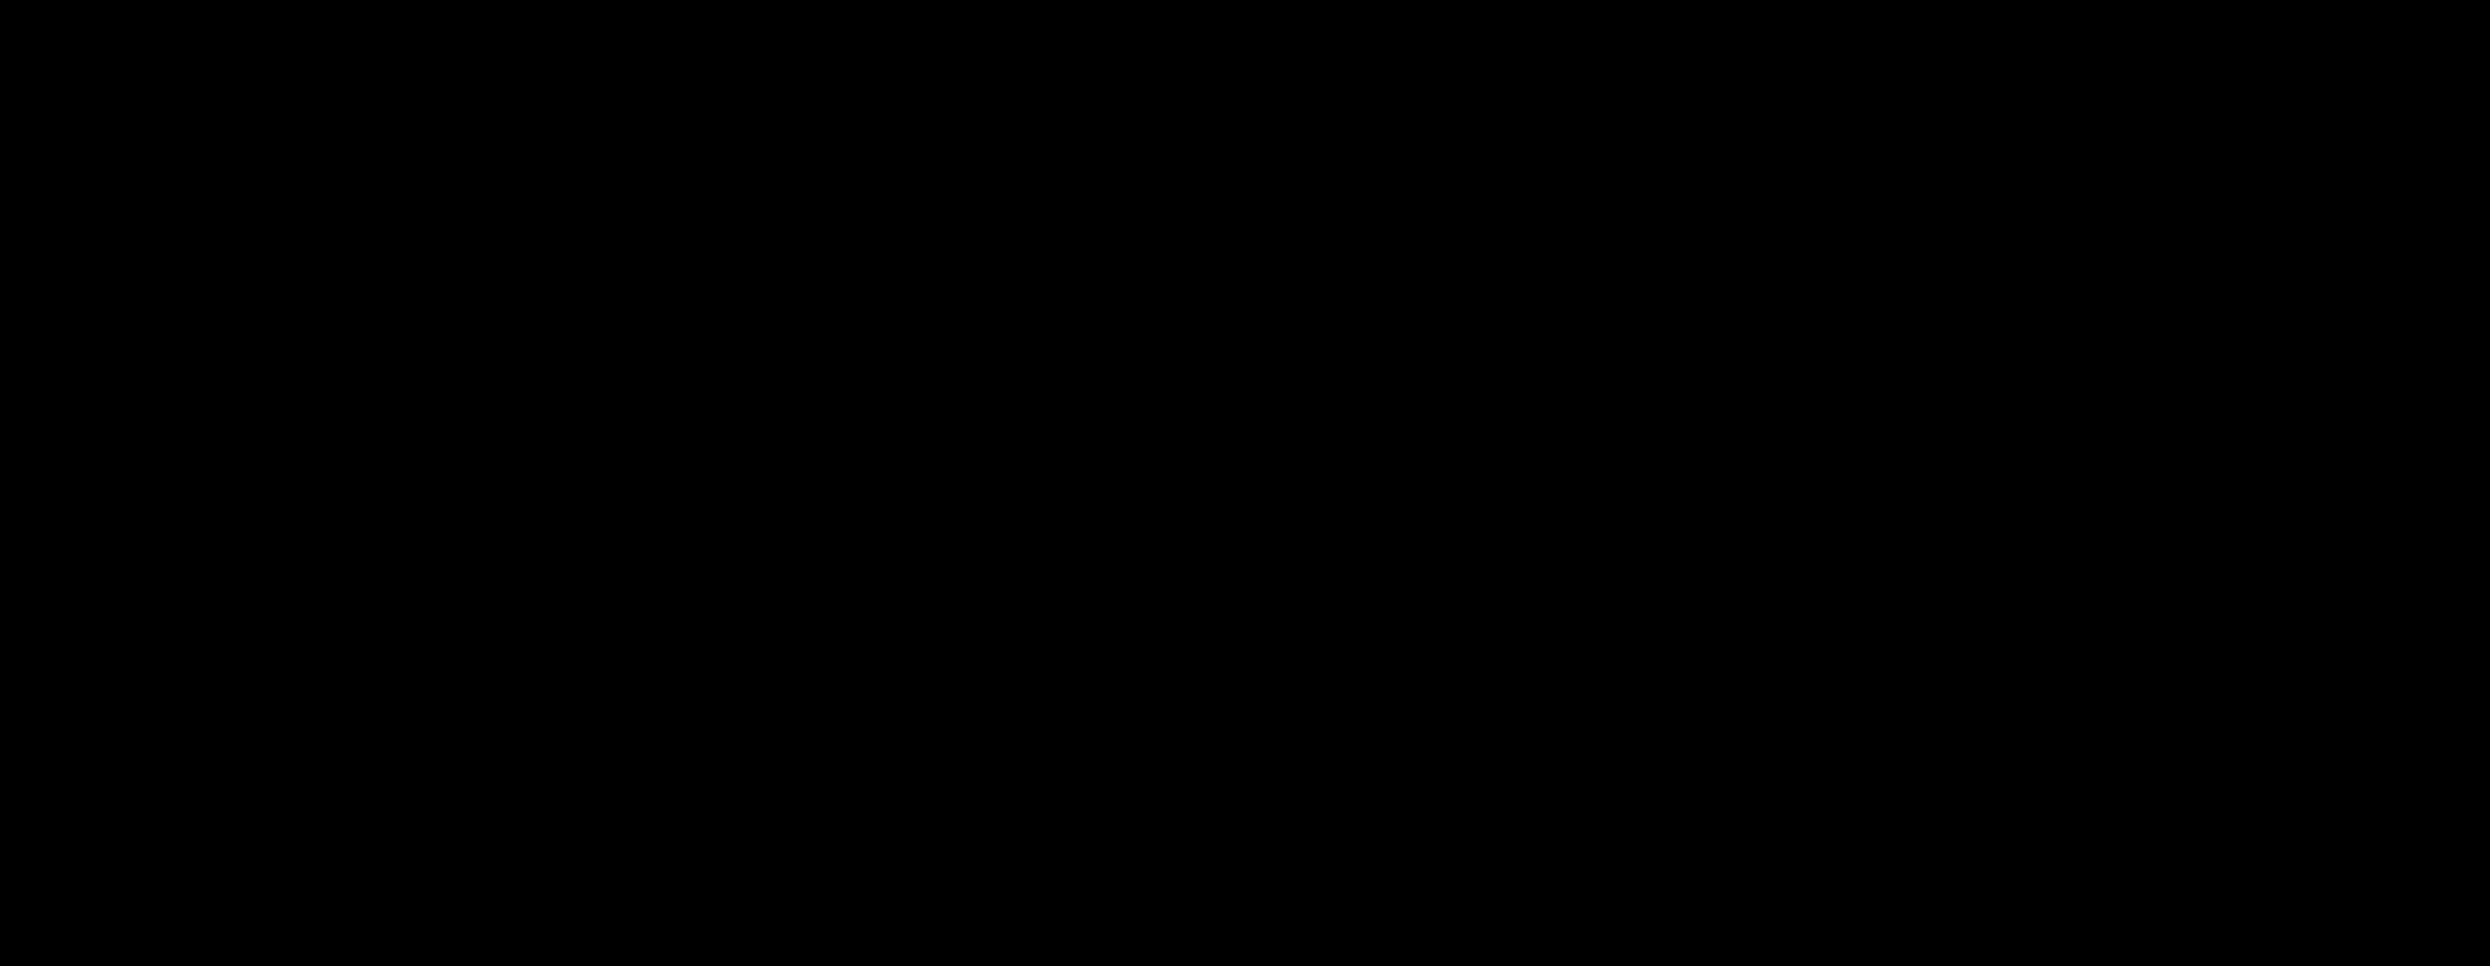 N1-Dansyl-d<sub>8</sub>-spermine